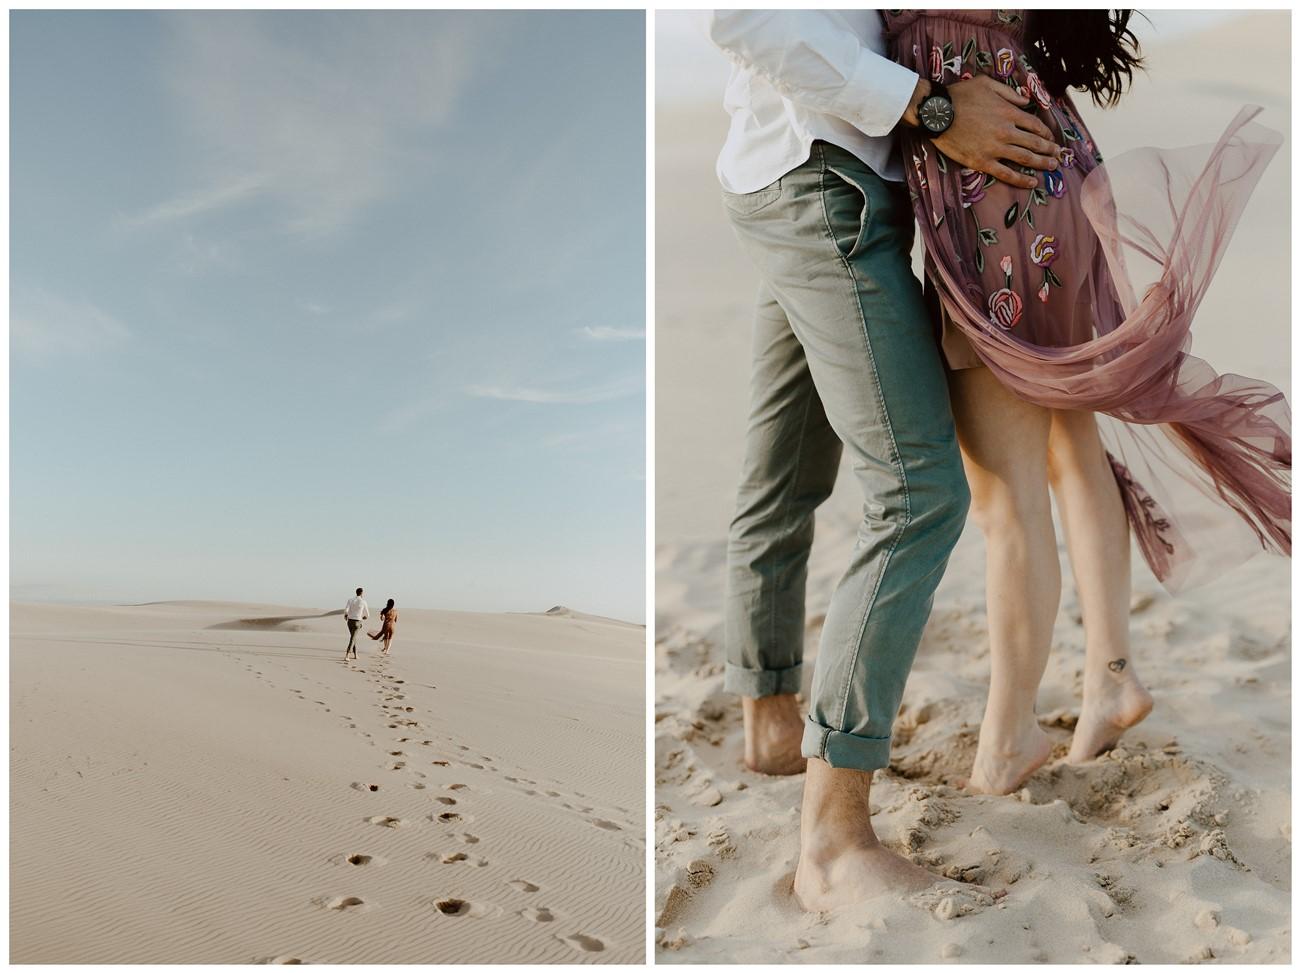 séance couple dune du pilat amoureux courent sable détails traces pieds nus